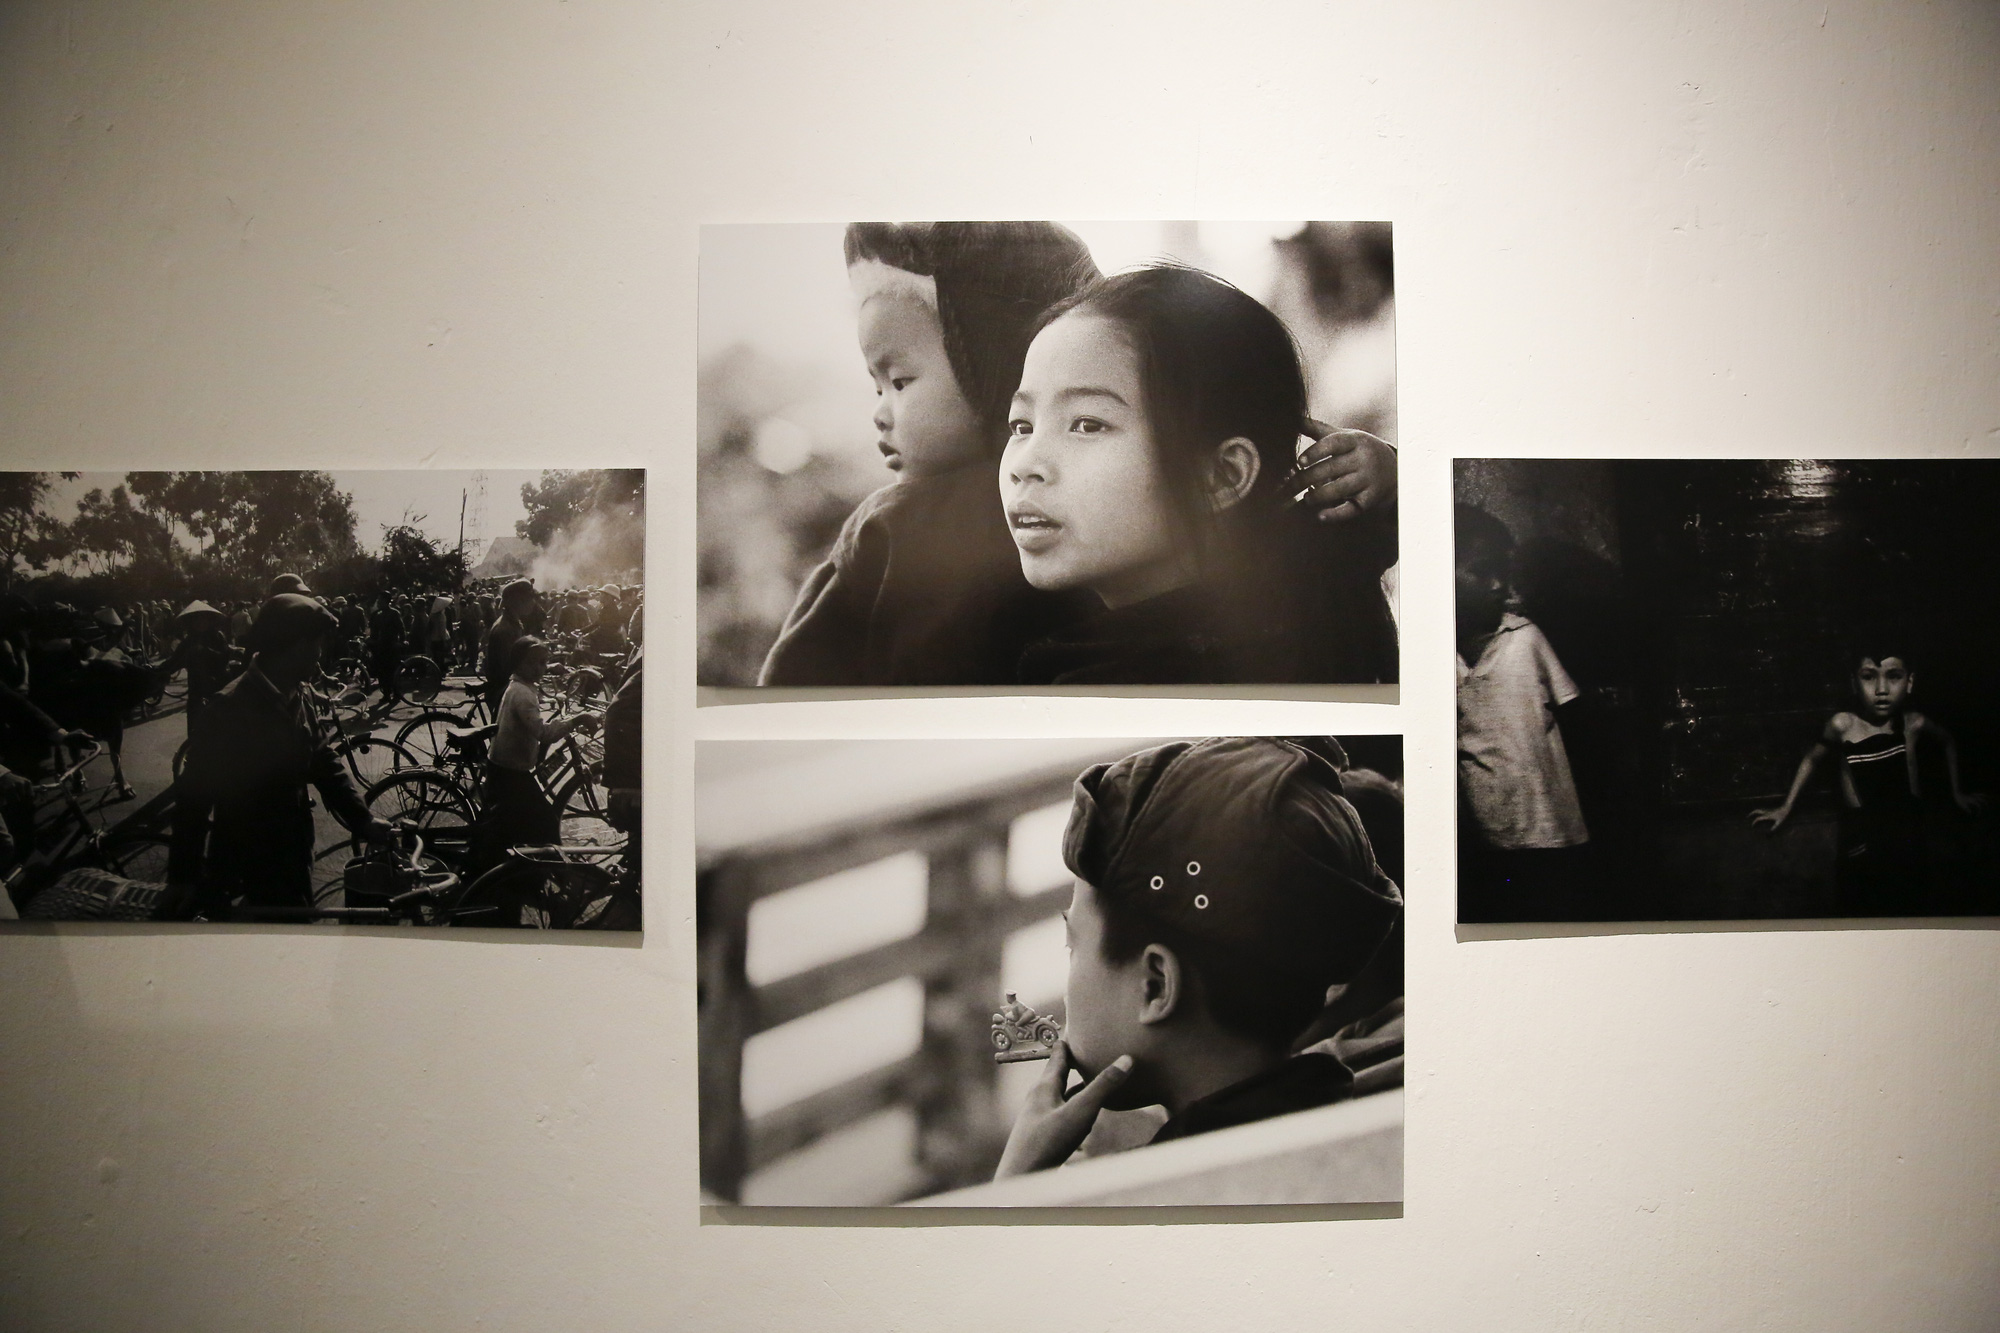 Đại sứ Đức tại Việt Nam tham dự triển lãm ảnh đặc biệt về Hà Nội - Ảnh 19.